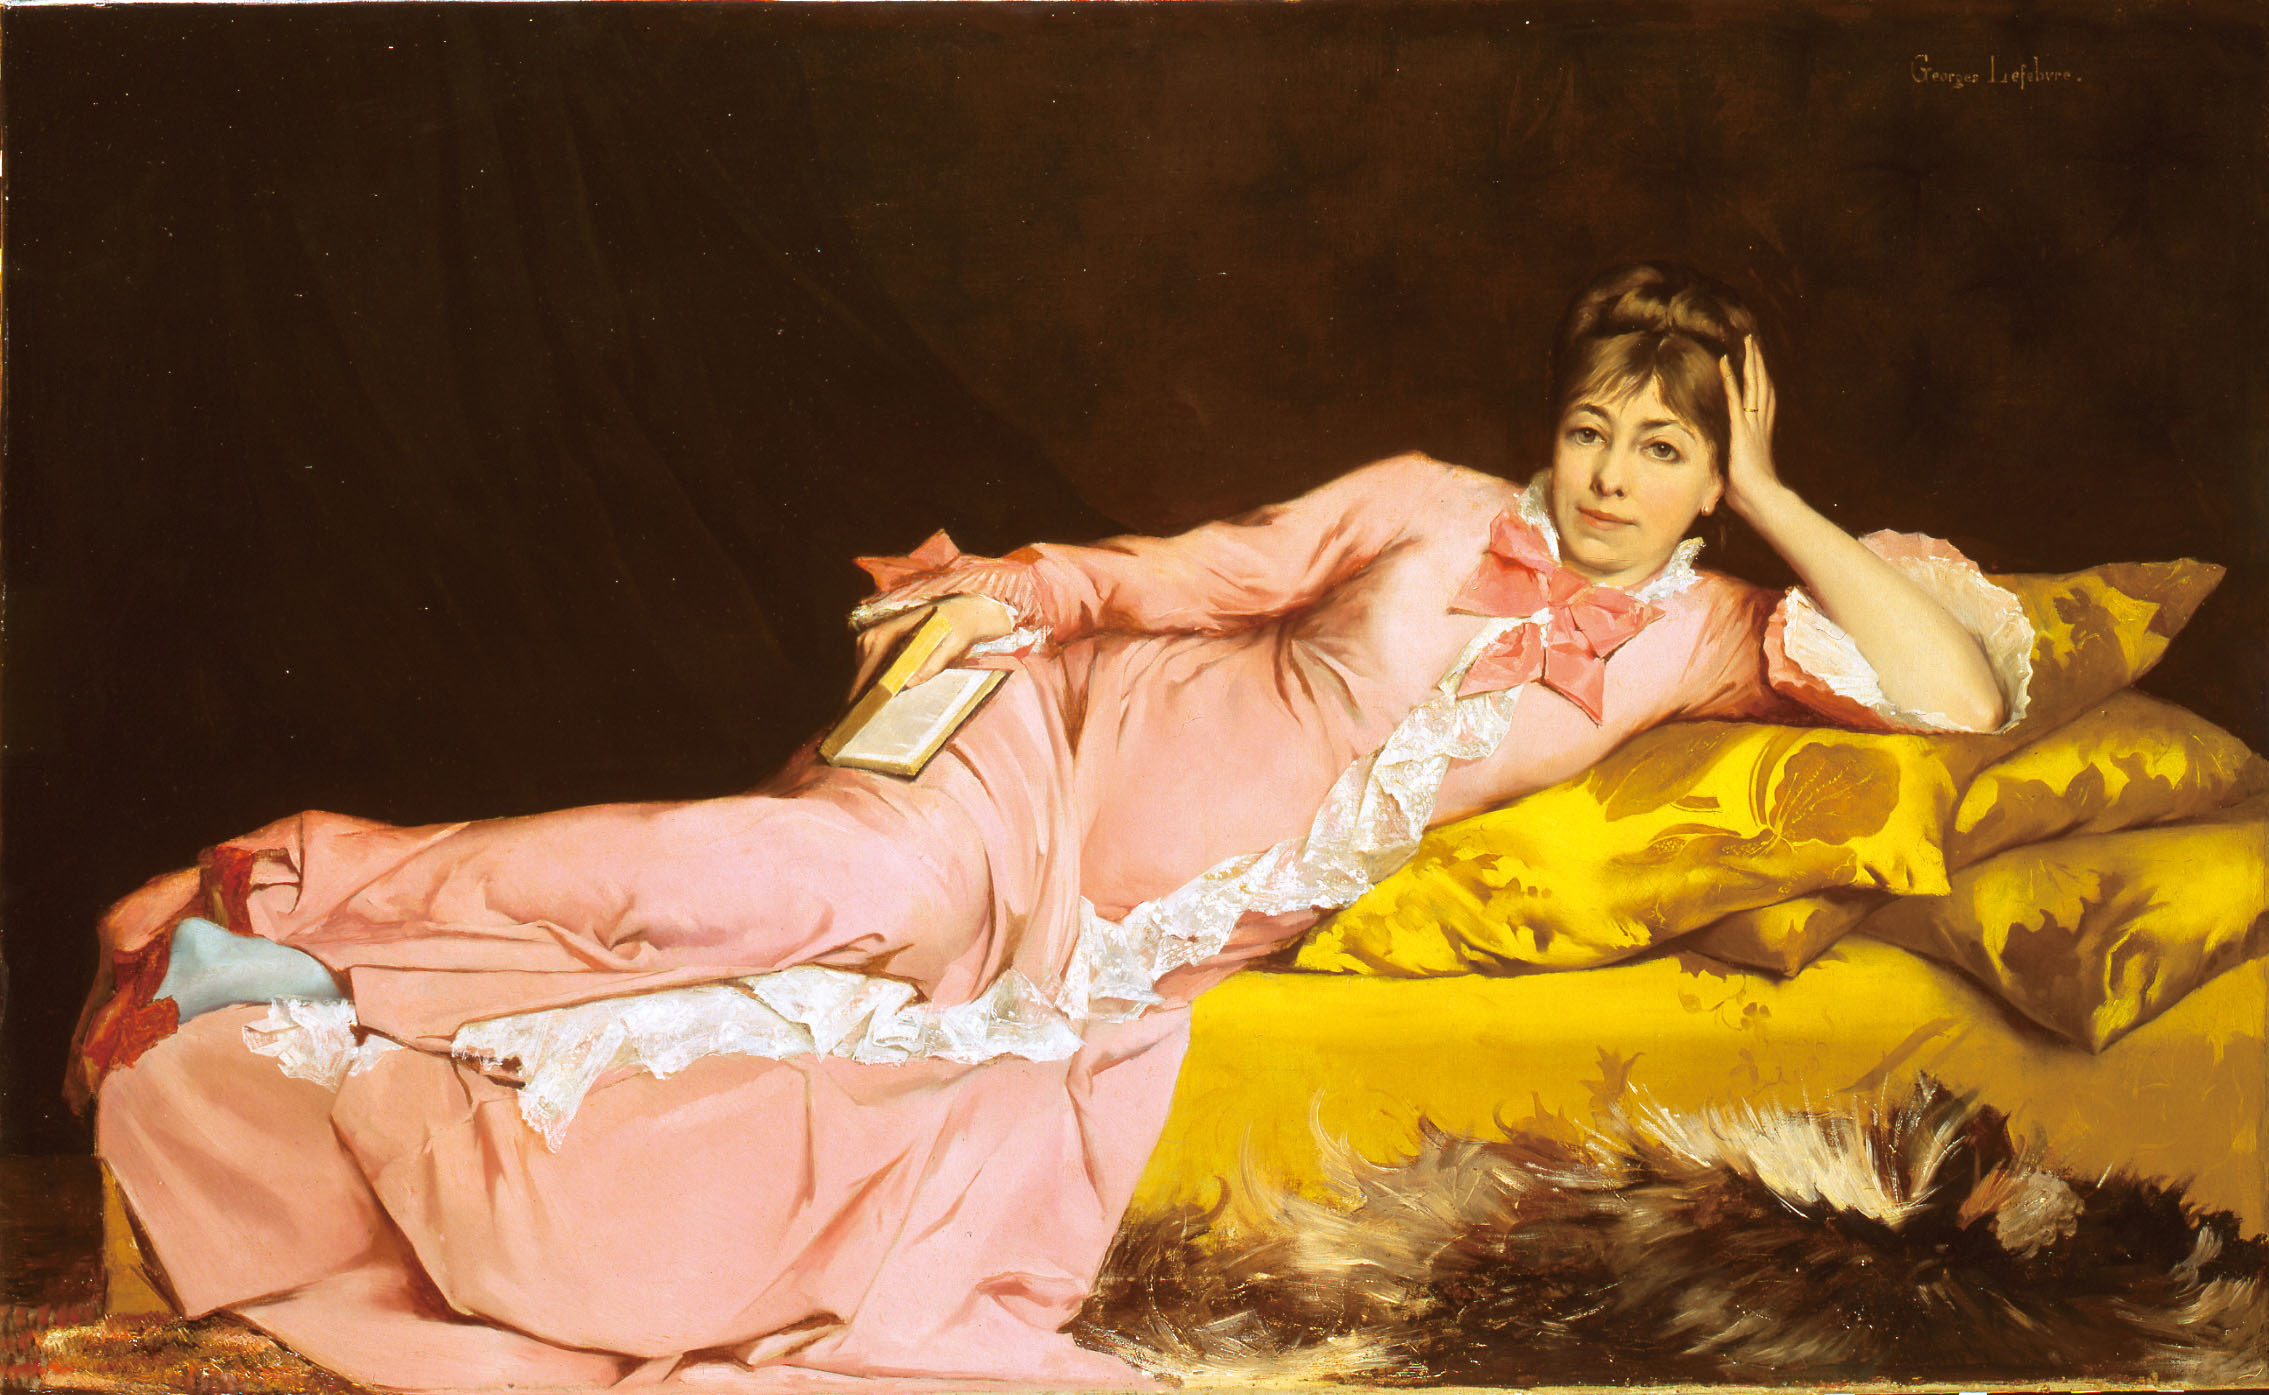 ジョルジュ・ルフェーヴル「青いストッキングをはいた女流詩人」1870年頃